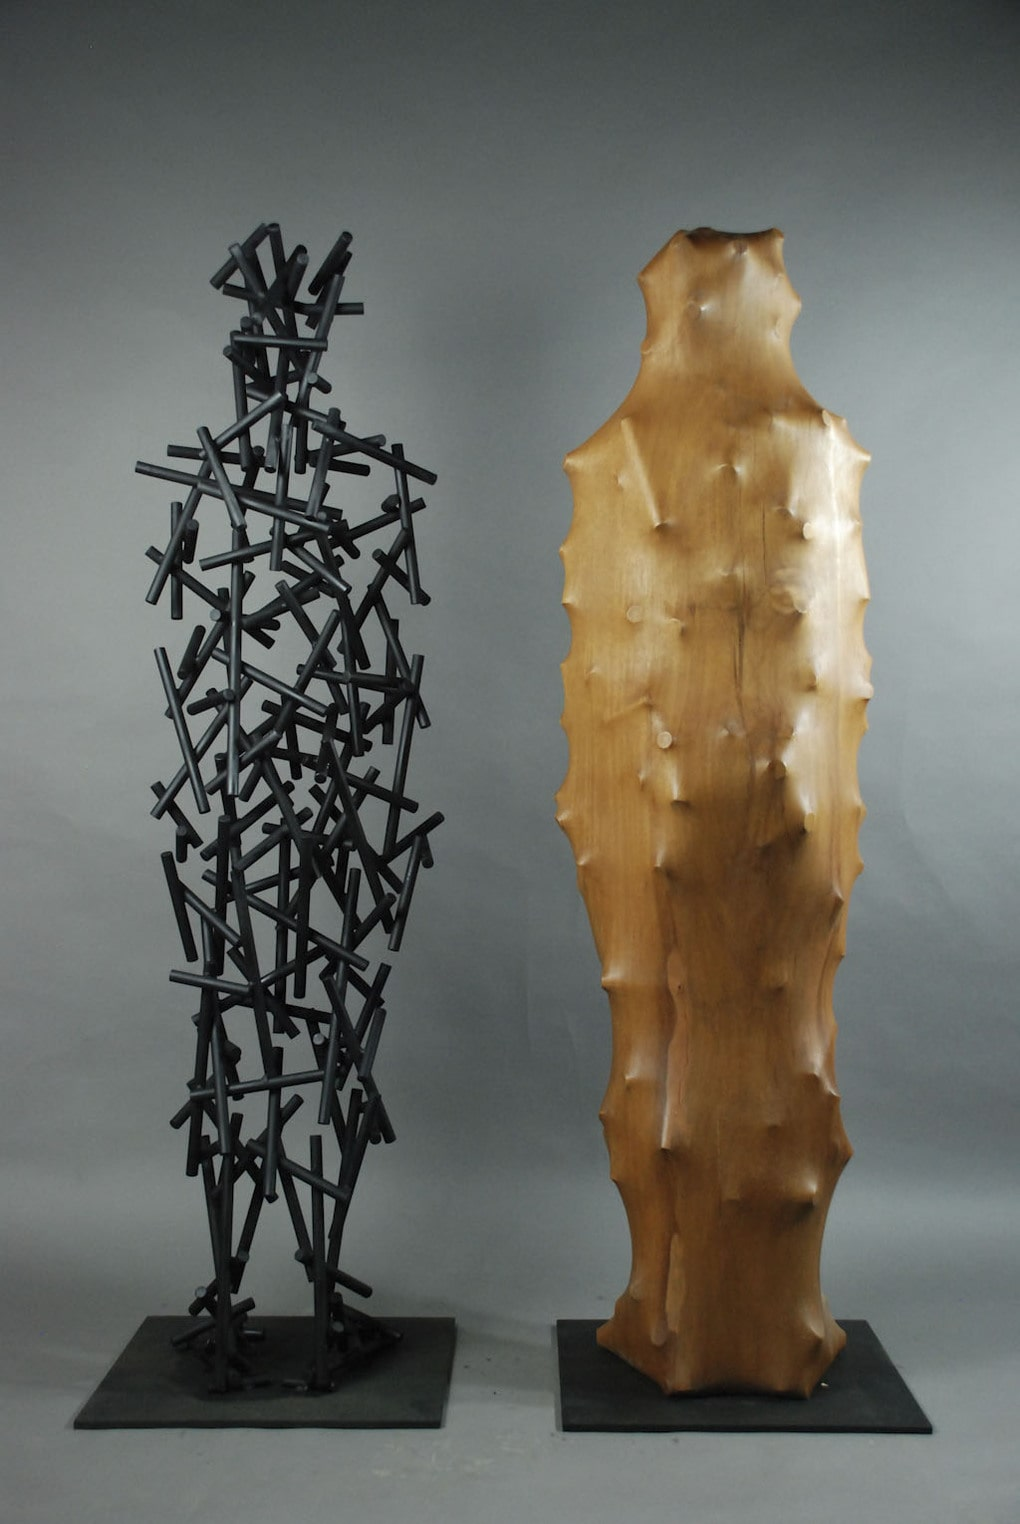 dsc 0701 1 - Тайваньский художник создаёт пугающие скульптуры из дерева, в которых как будто застряли люди